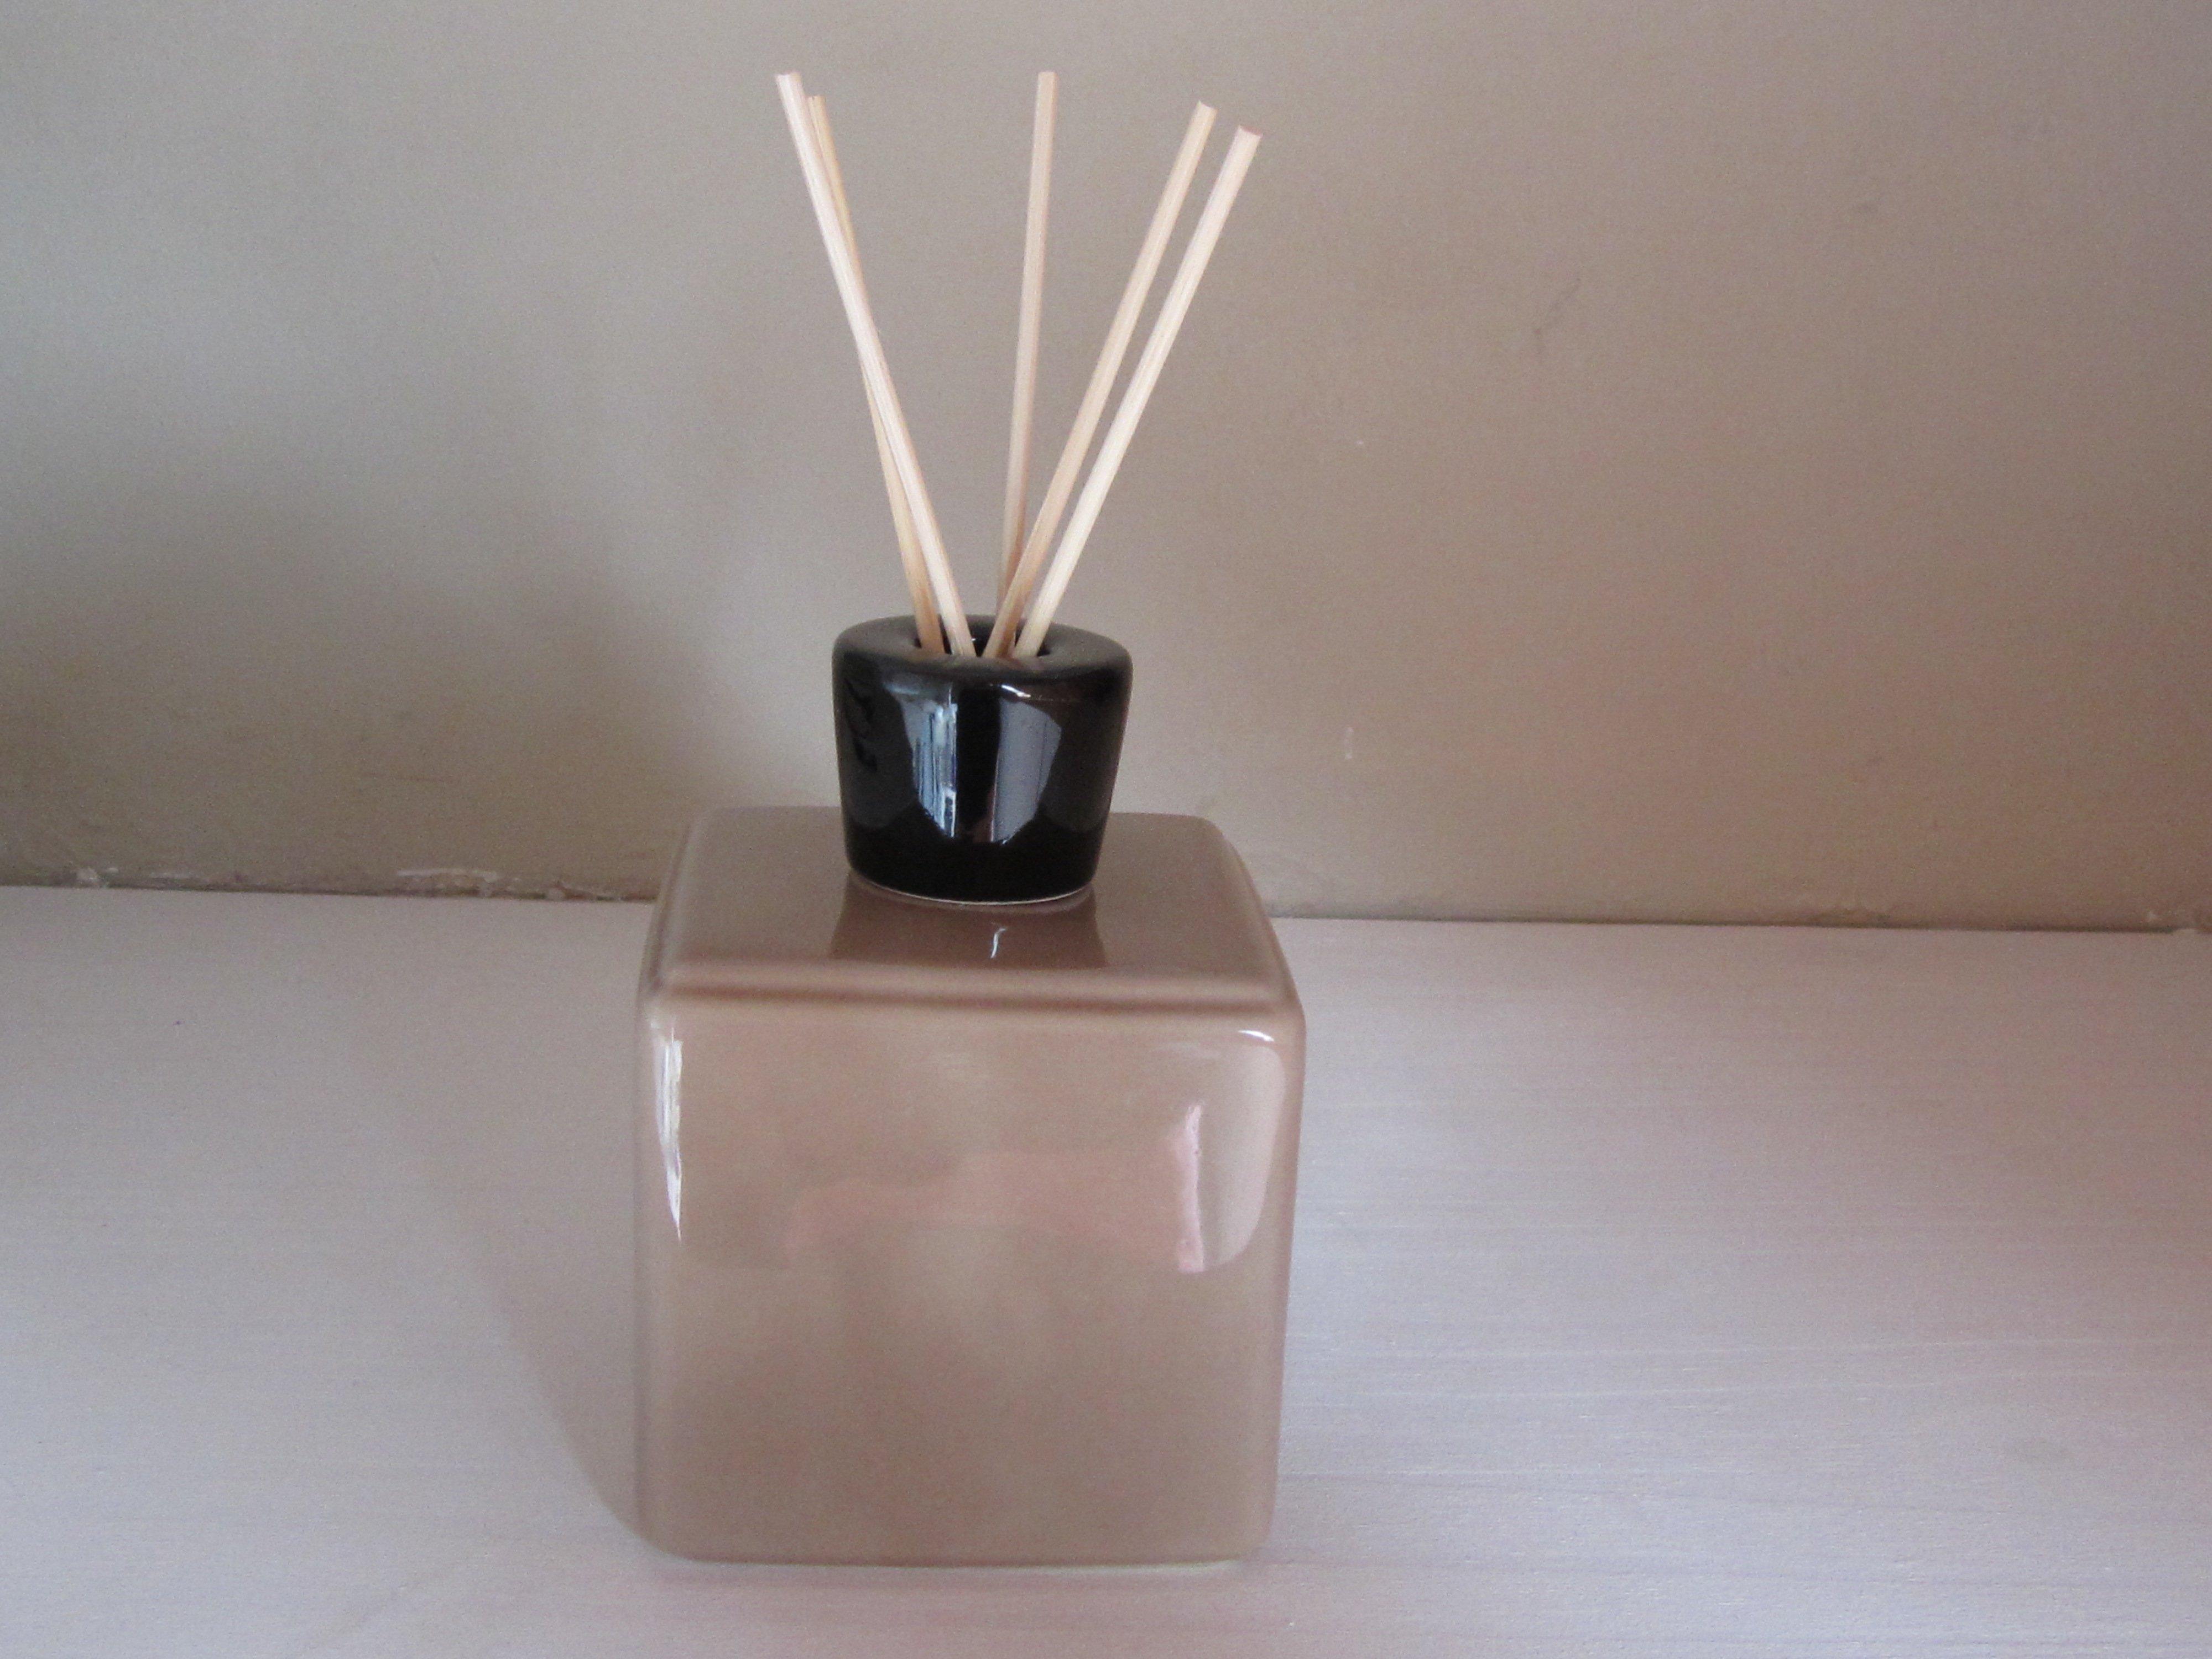 vase diffuseur de parfum d'ambiance